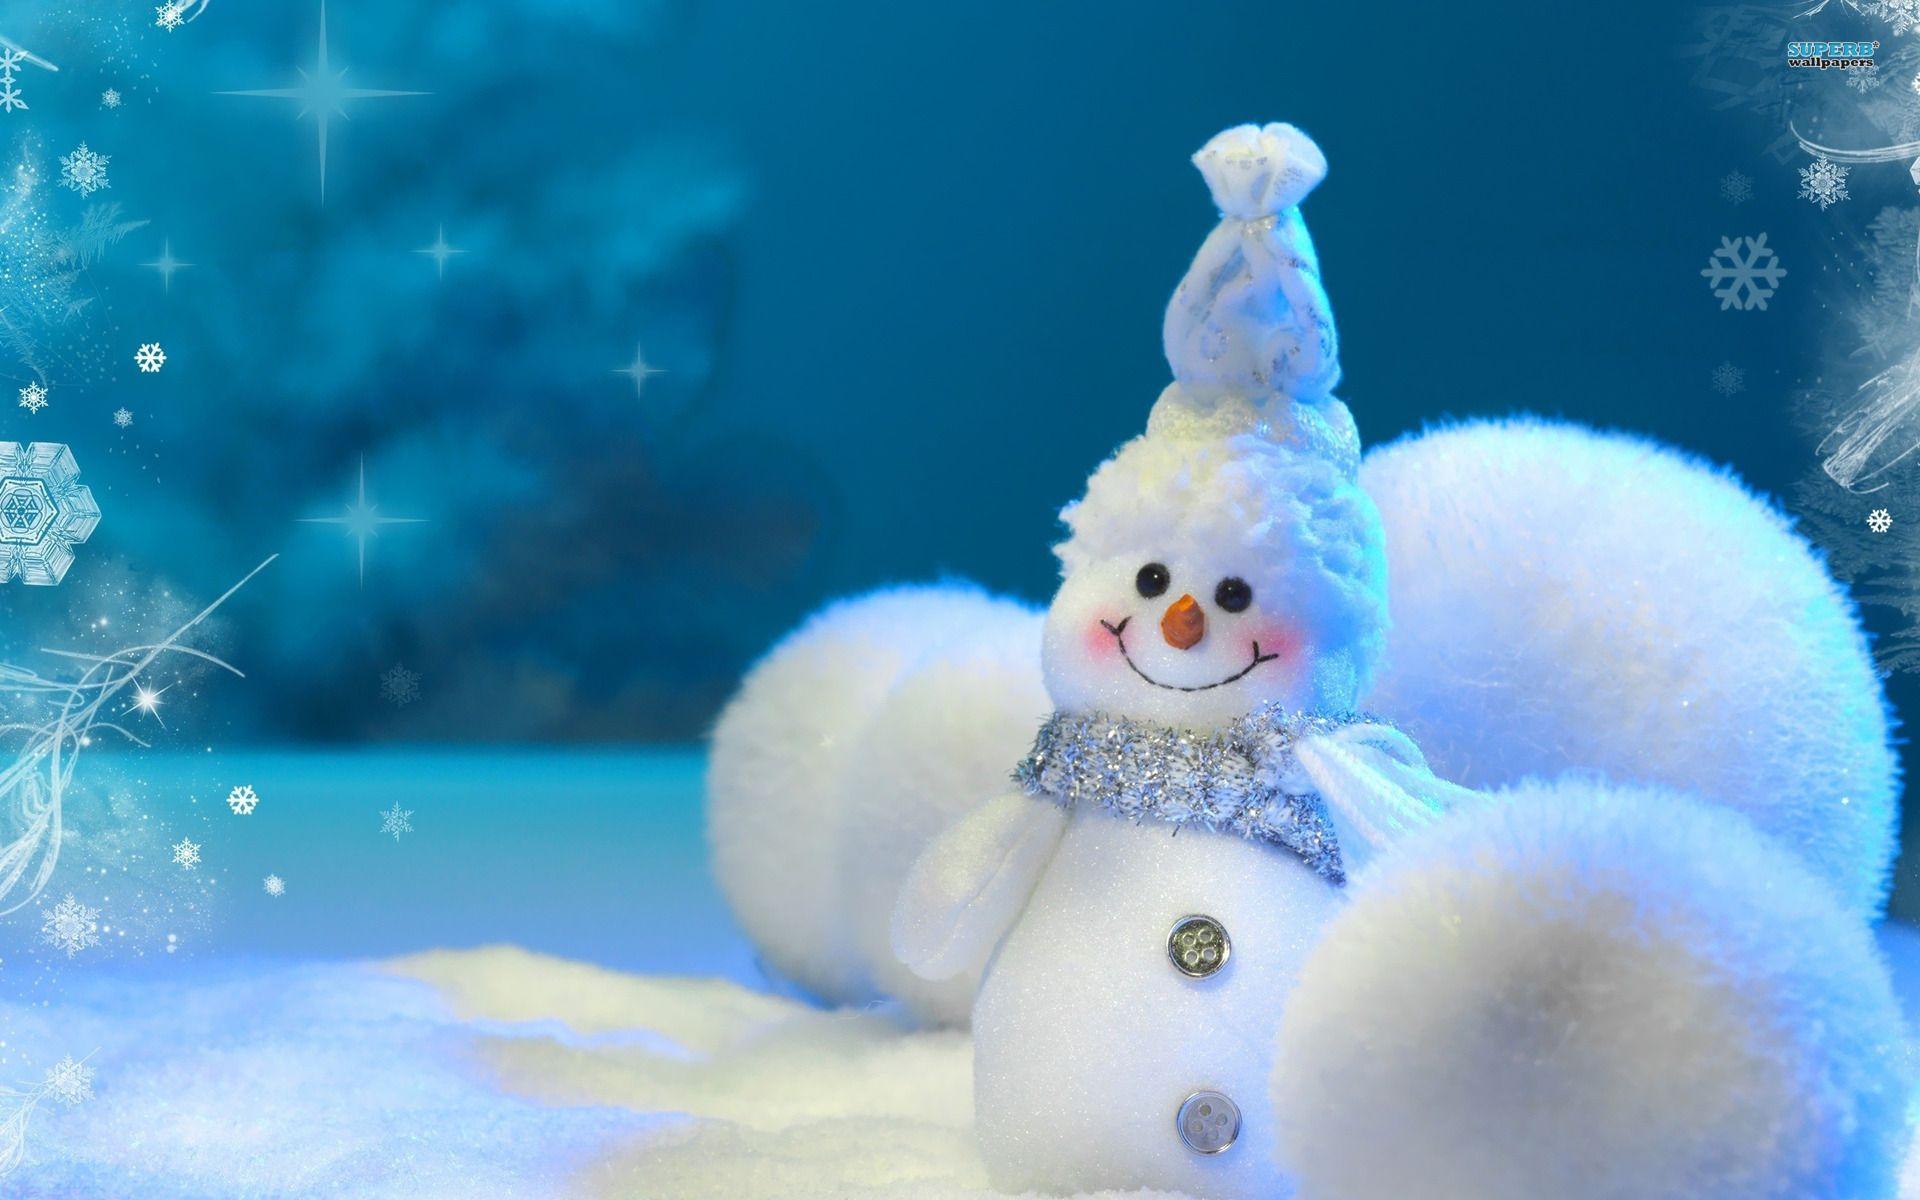 Snowman Wallpaper 4165 1024x640 Px Hdwallsource Com Snowman Wallpaper Christmas Desktop Wallpaper Christmas Desktop